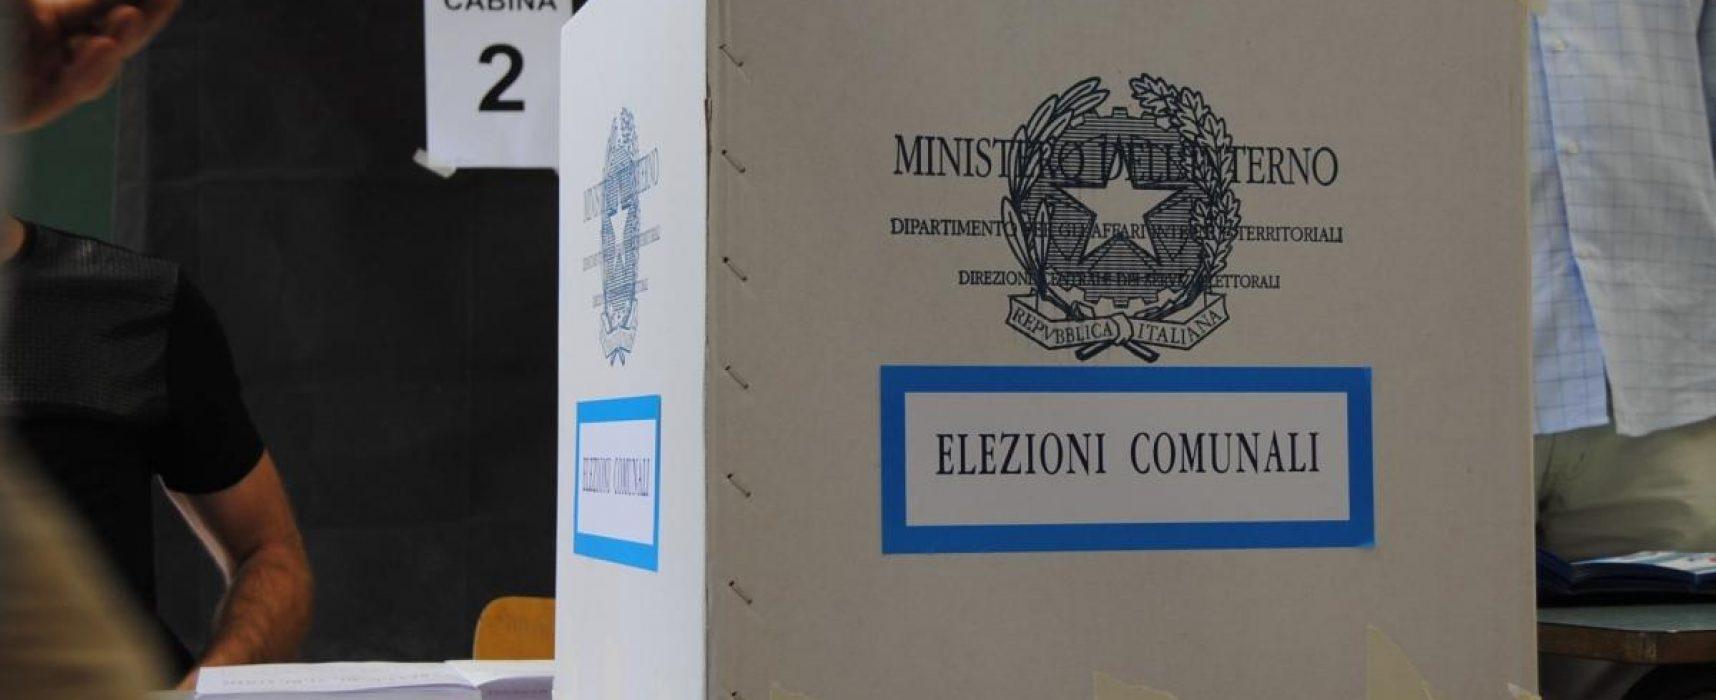 Elezioni amministrative, ecco l'elenco completo dei presidenti di seggio